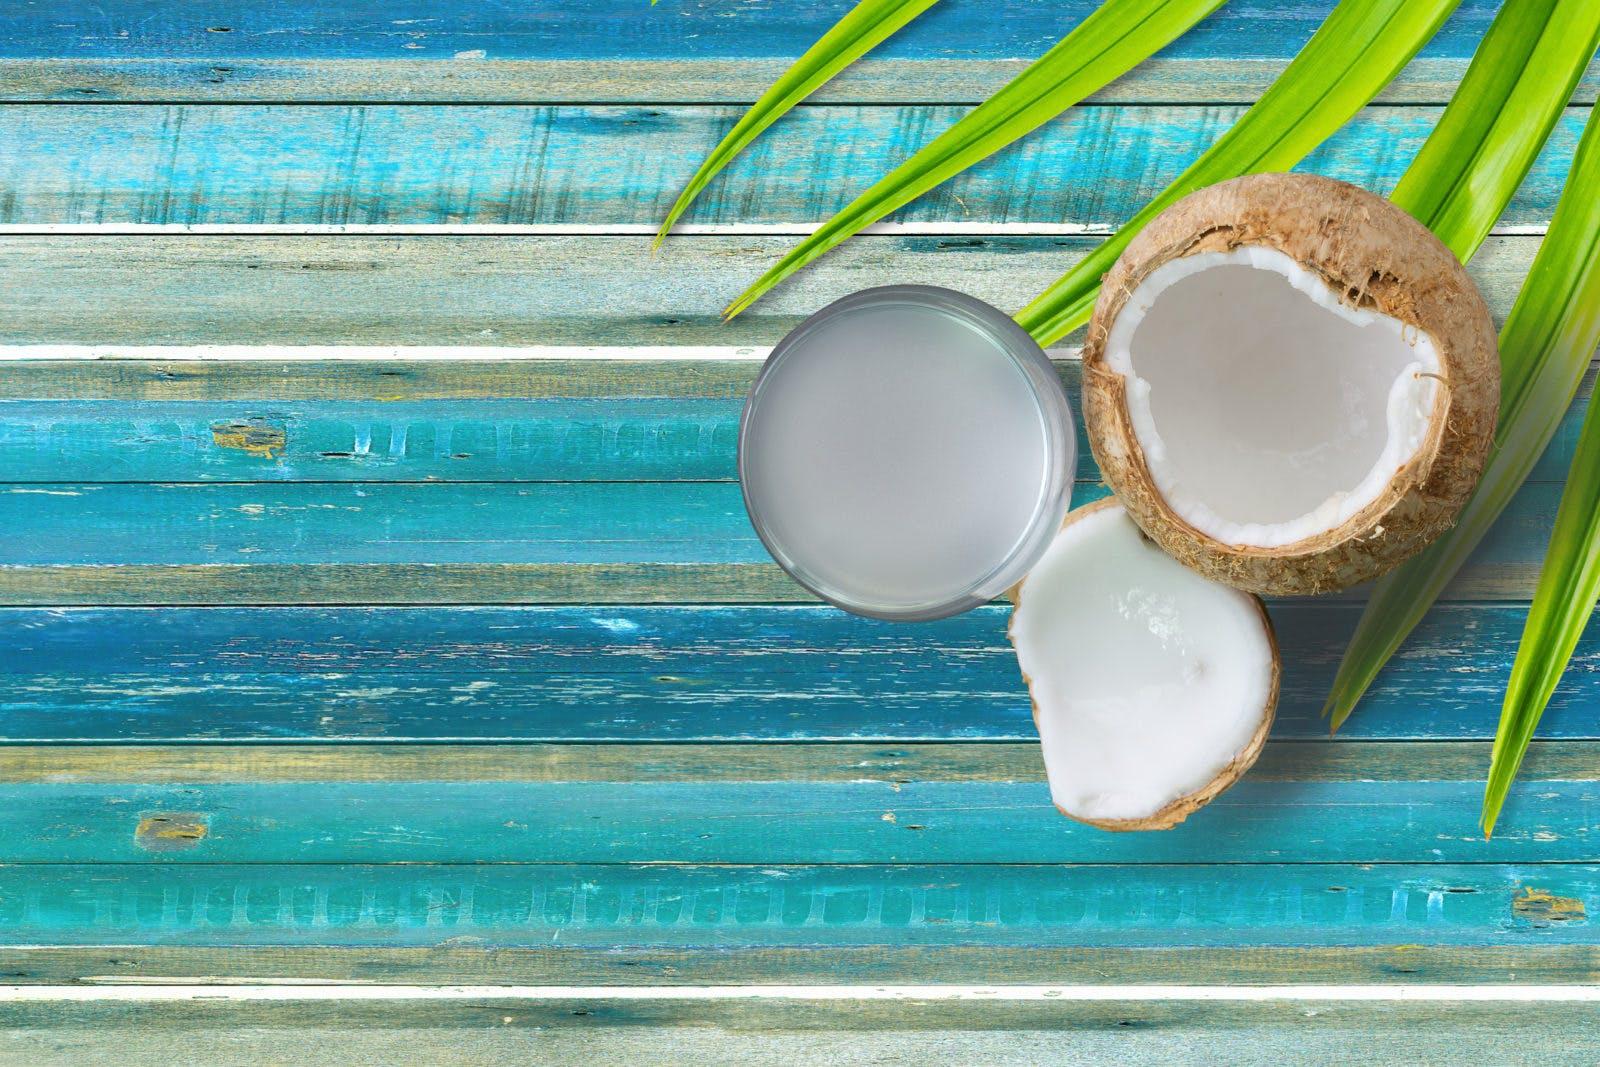 Finns det anledning att vara rädd för <strong>kokosolja</strong>?